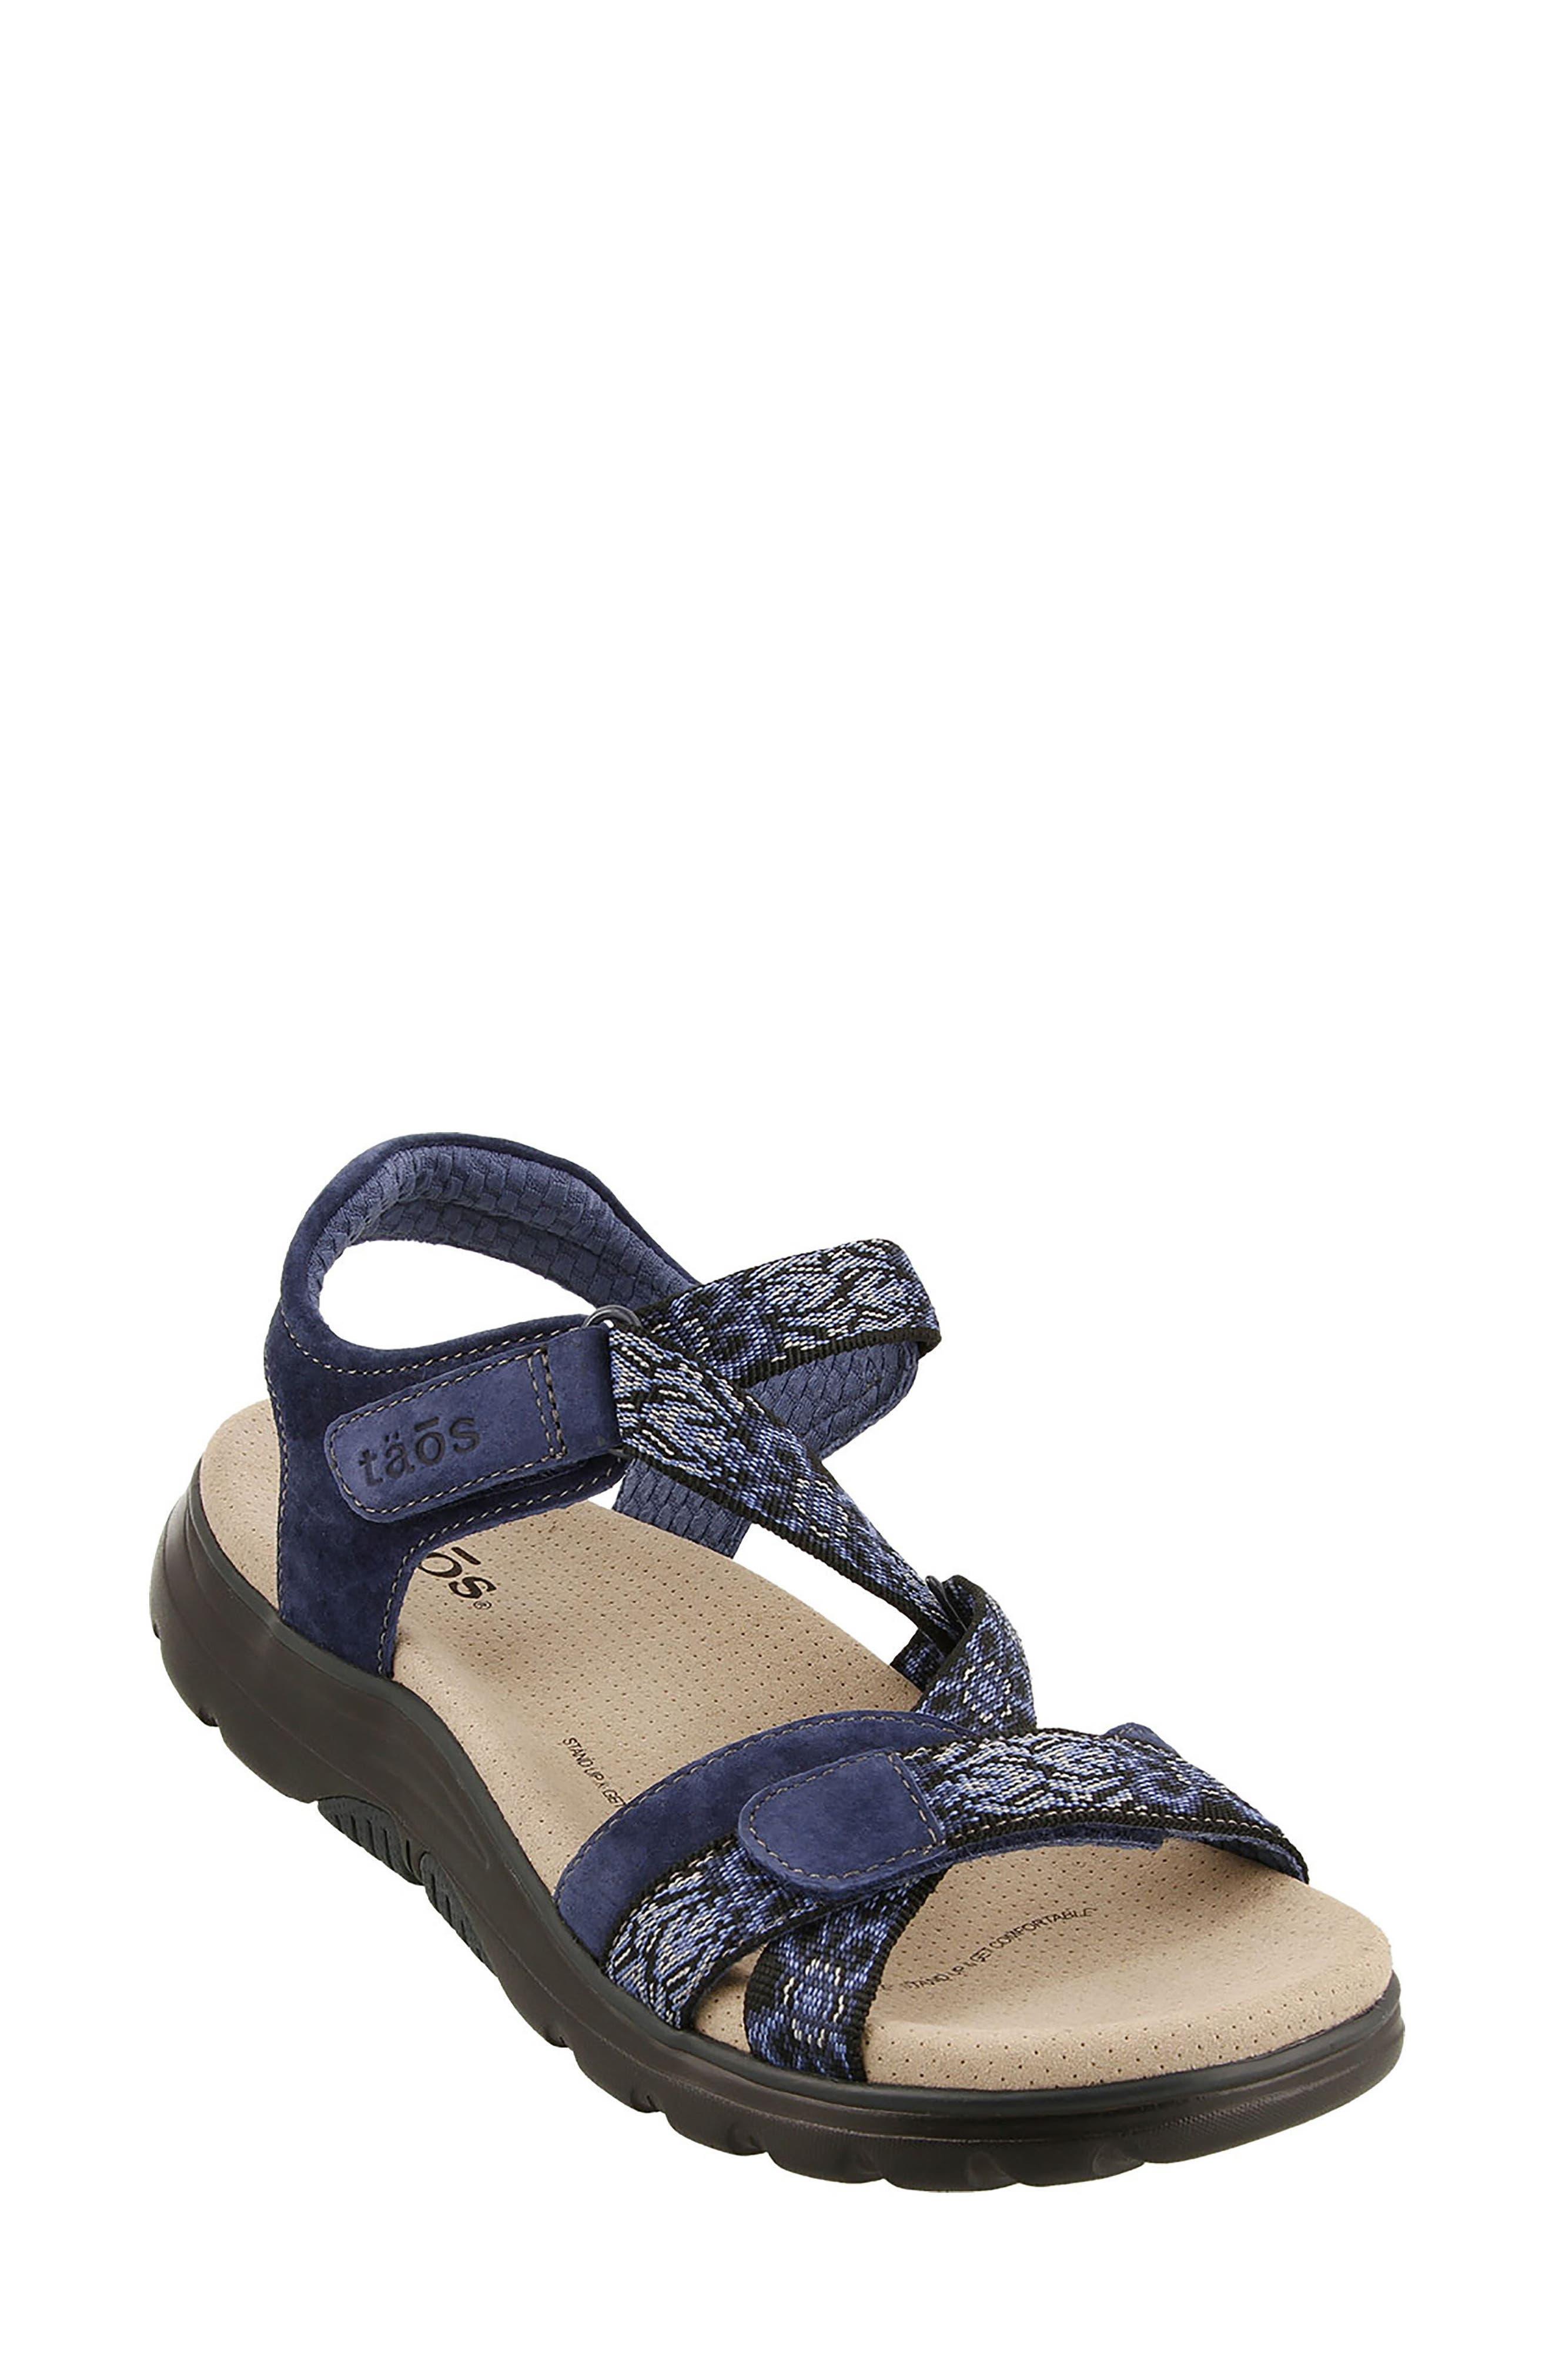 Zen Sandal,                         Main,                         color, Navy/ Blue Leather